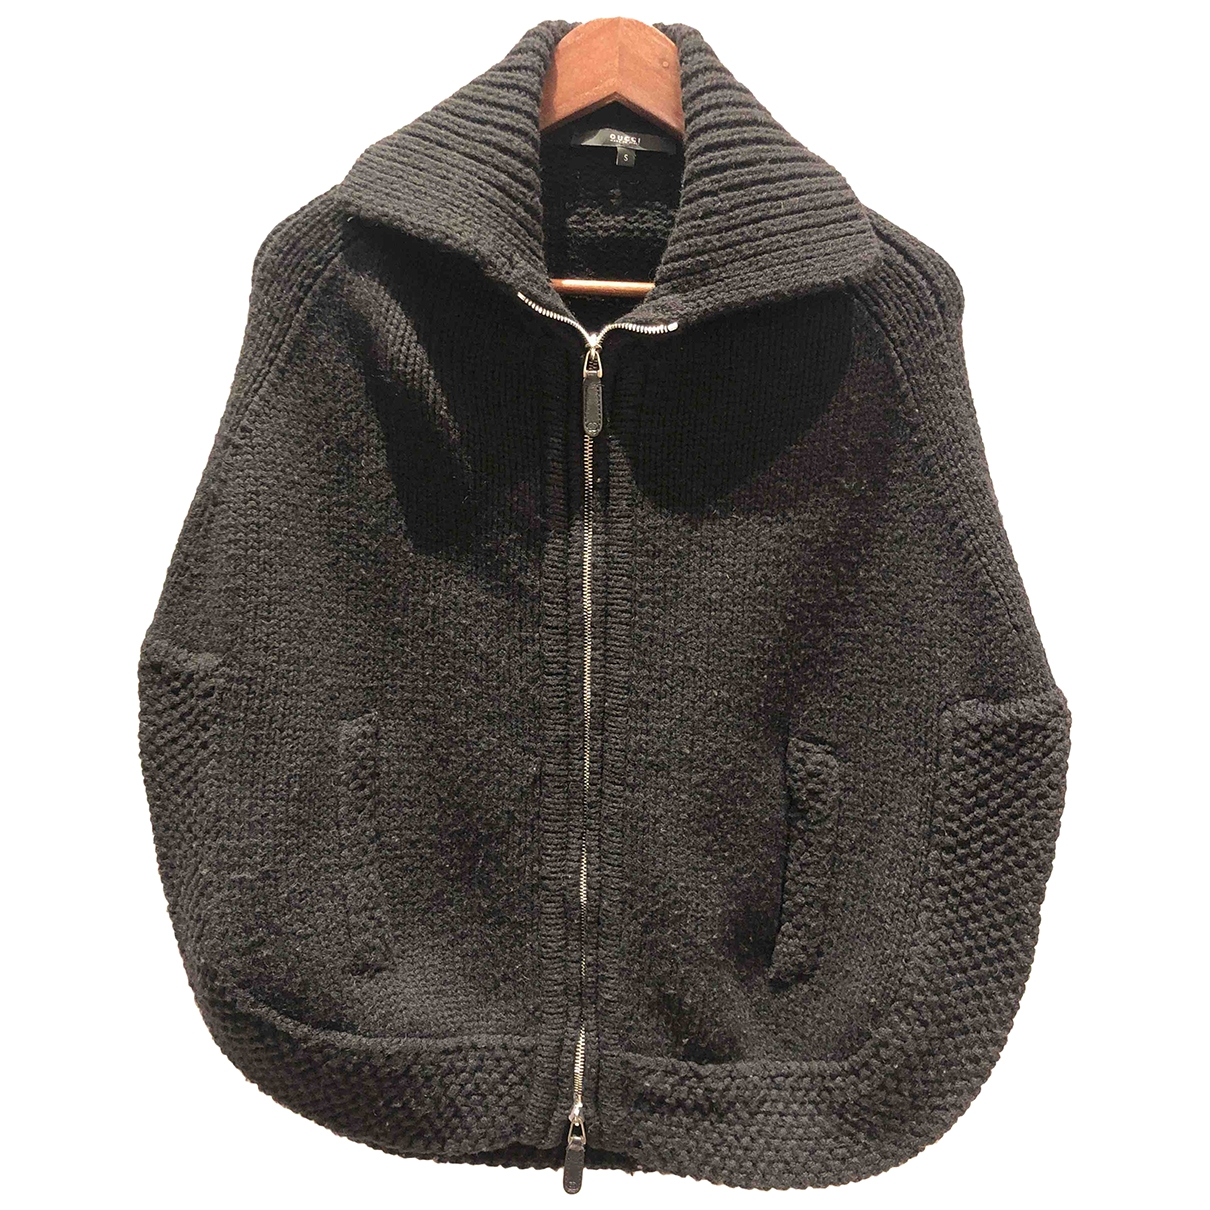 Gucci \N Black Wool Knitwear for Women S International